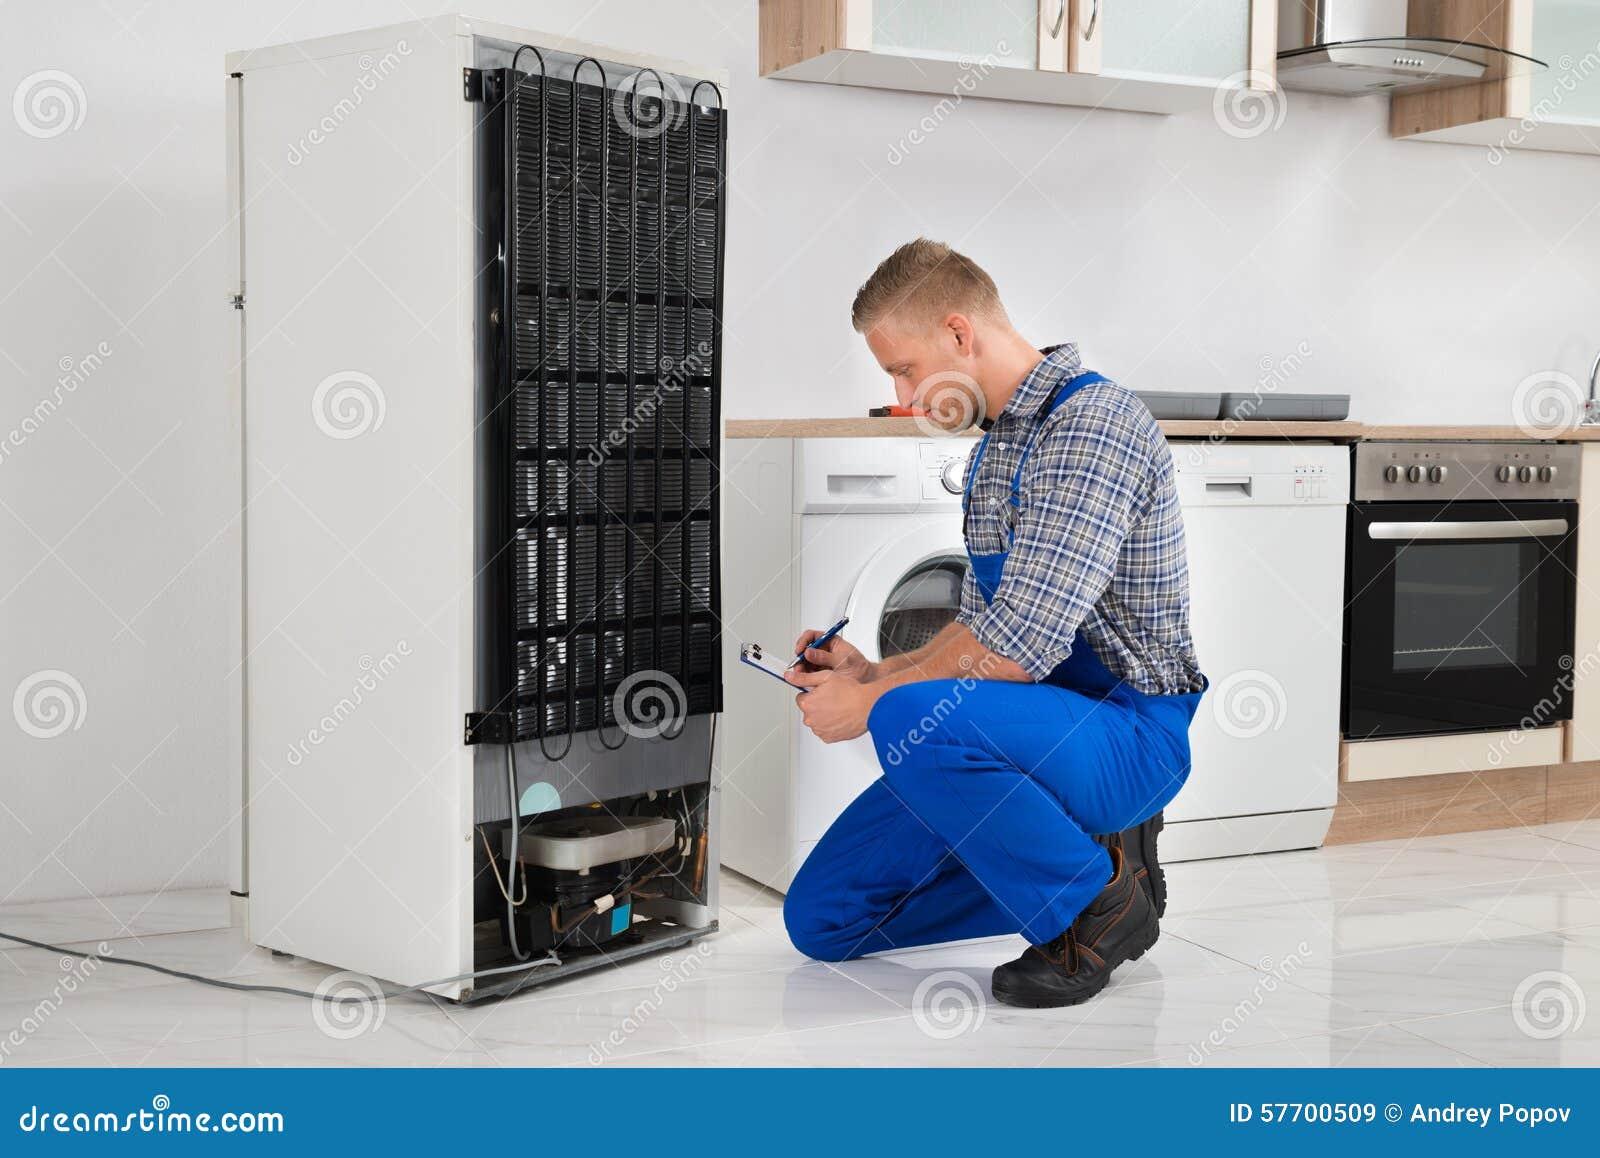 About ?? essay kitchen appliances